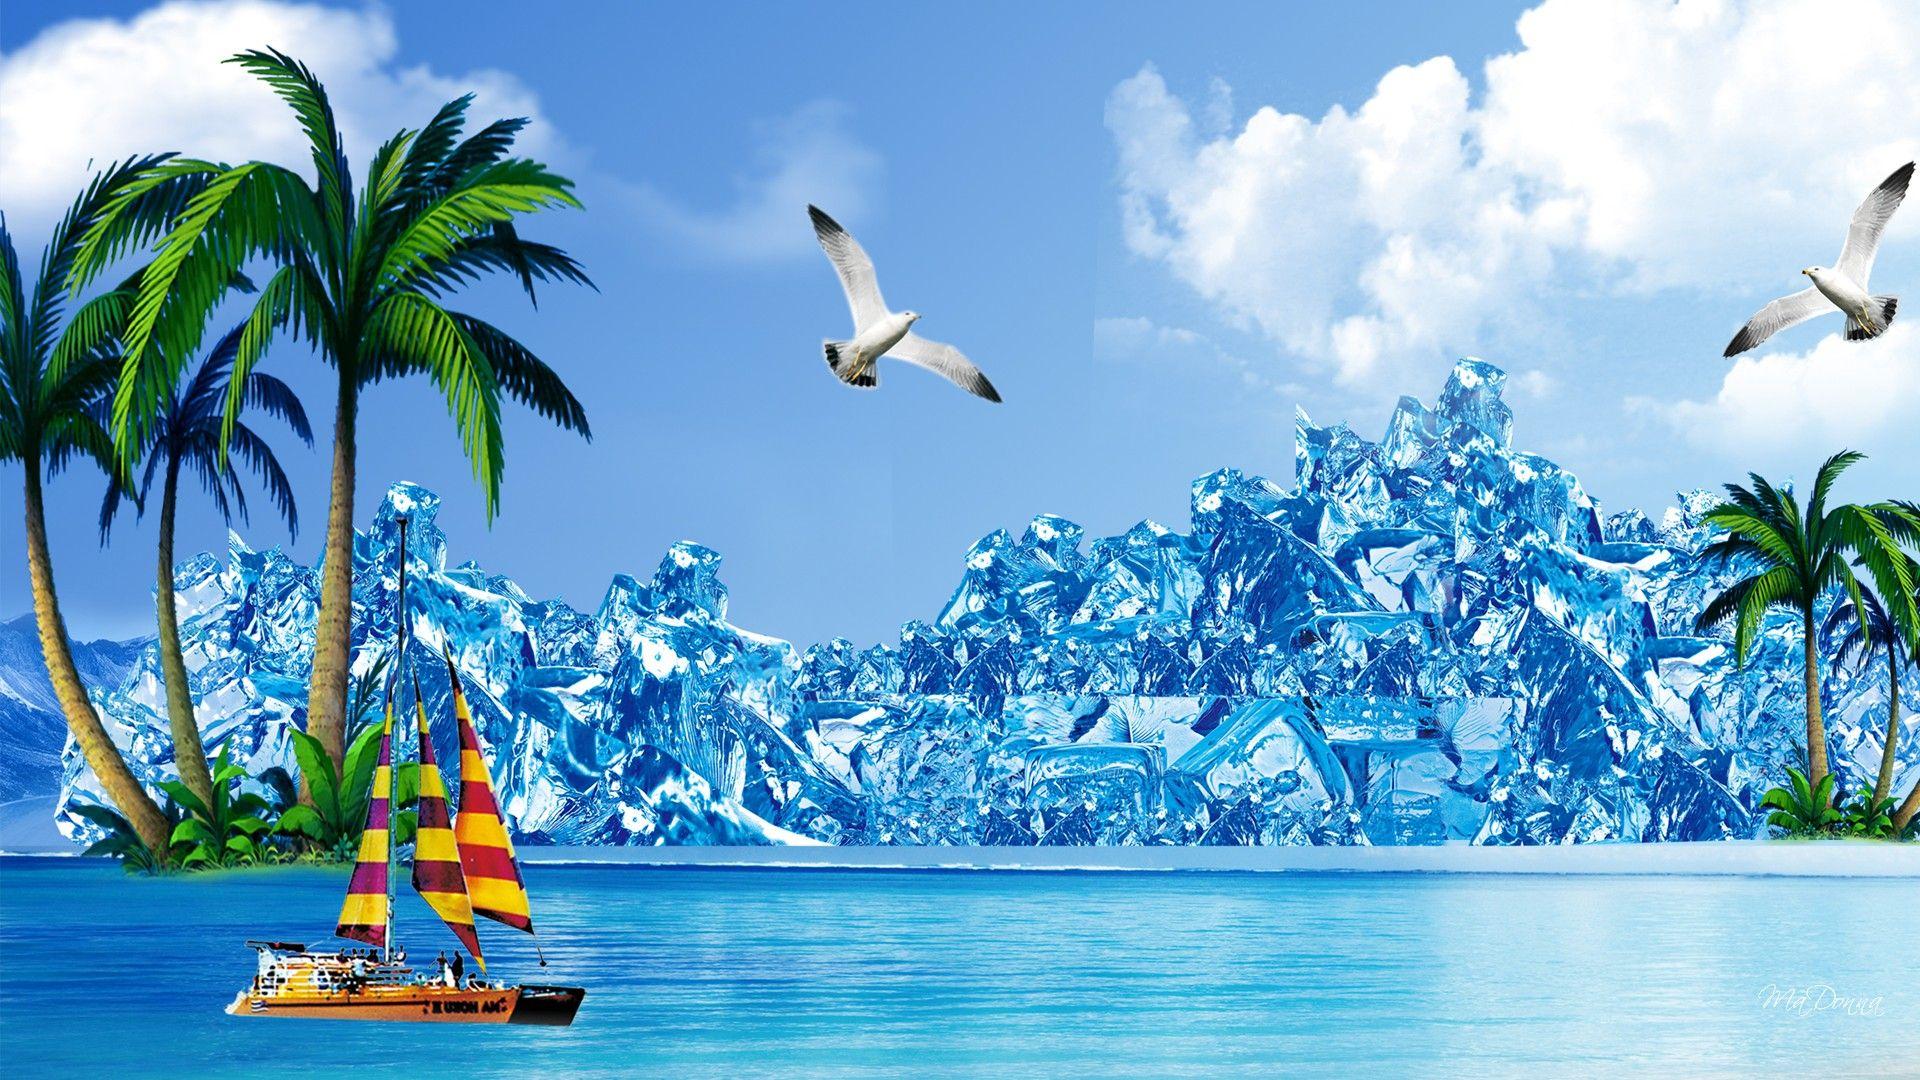 Summer Desktop Backgrounds Wallpapers